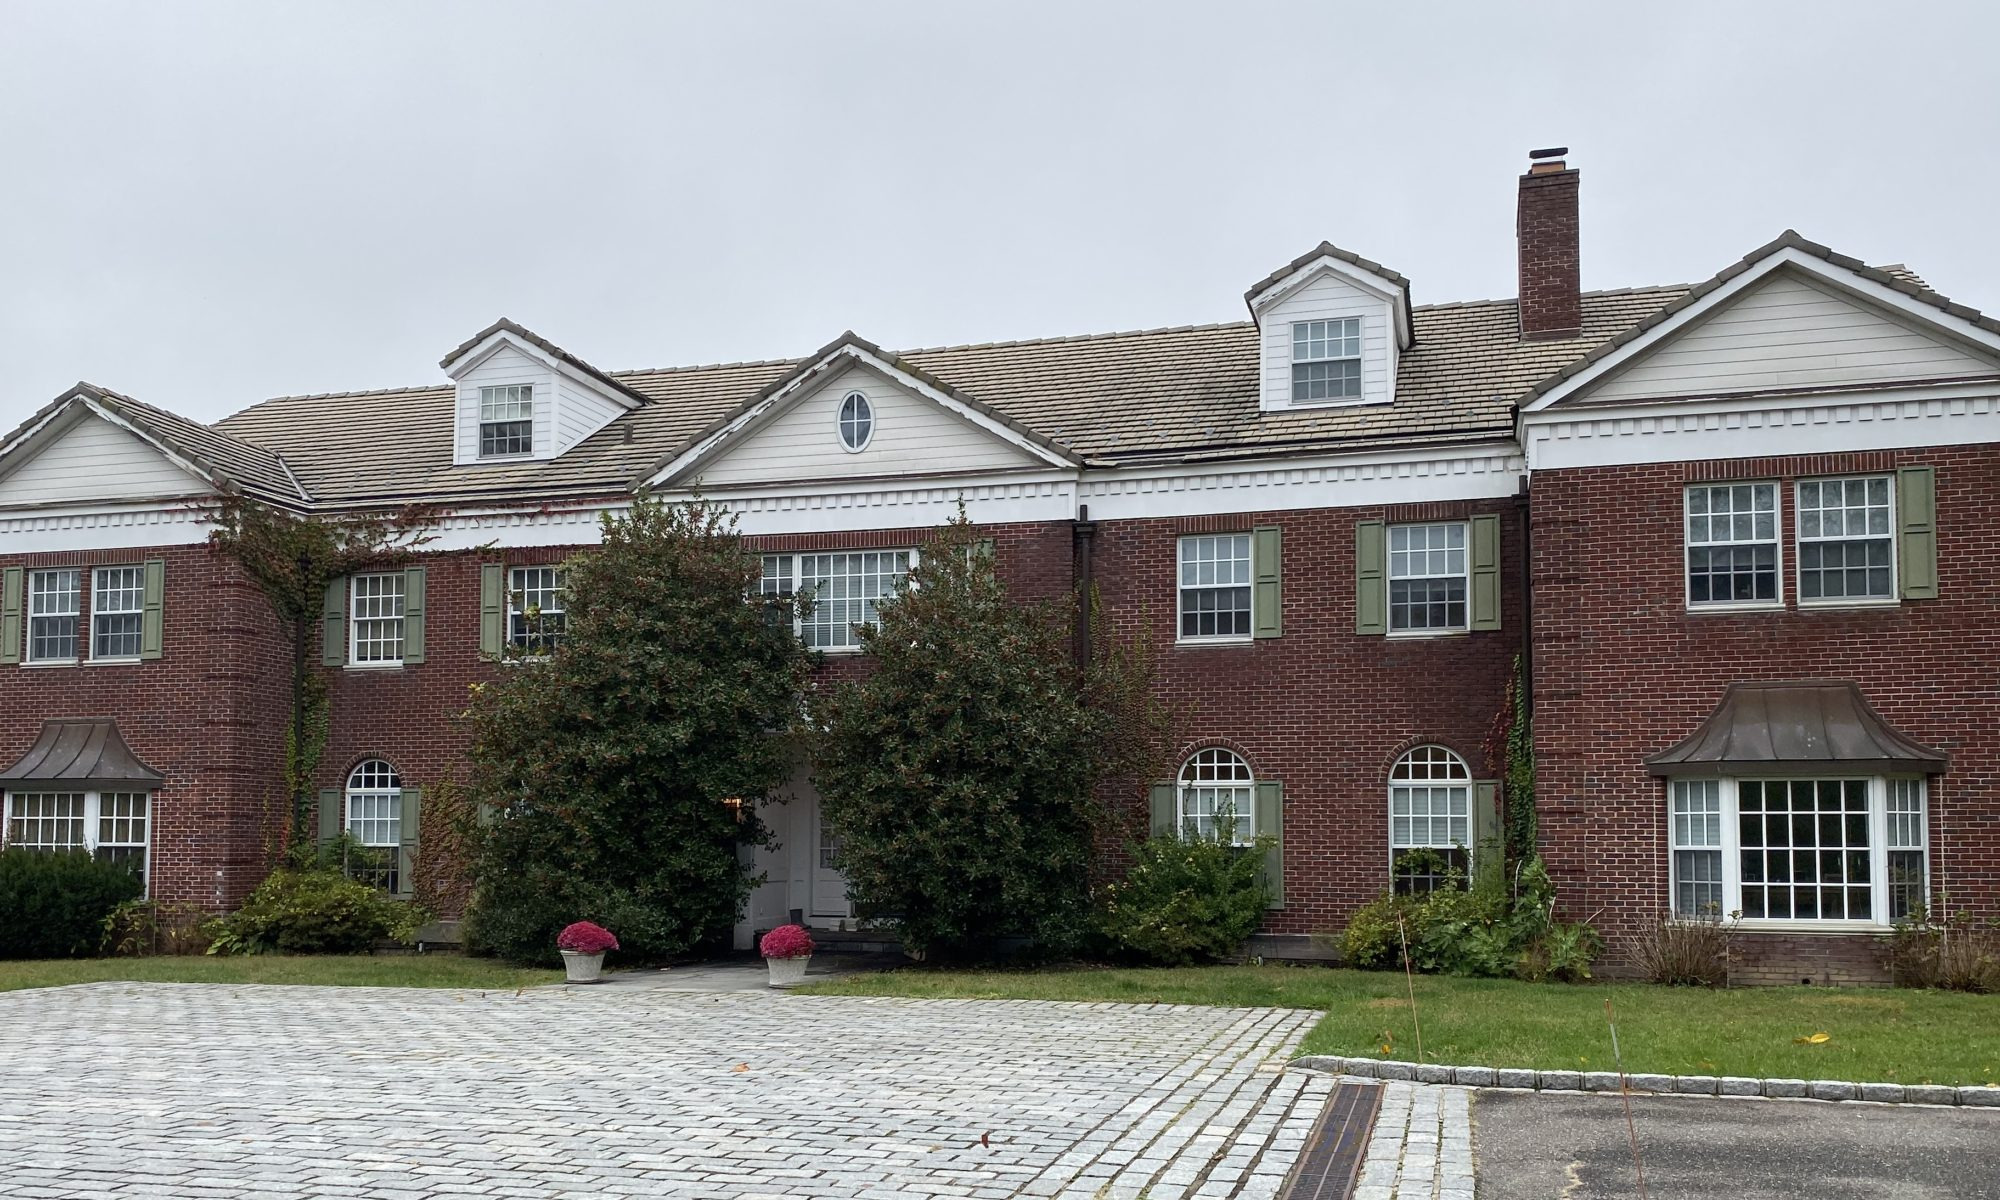 1257 Plandome Rd, Plandome Manor, Manhasset, NY. 11030